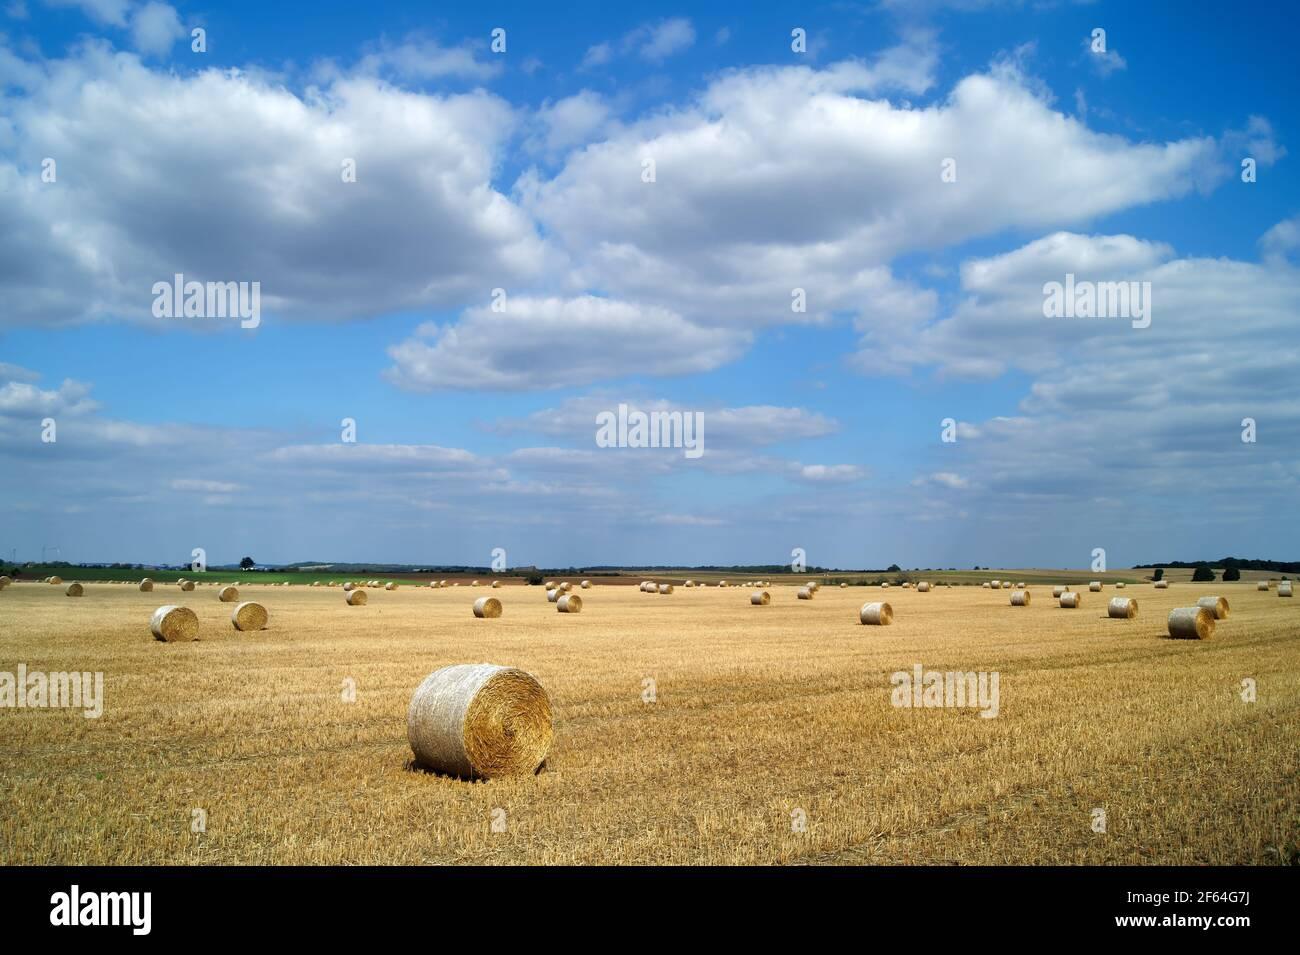 UK, South Yorkshire, Doncaster, Drum Hay Ballen auf dem Feld in der Nähe von High Melton Stockfoto